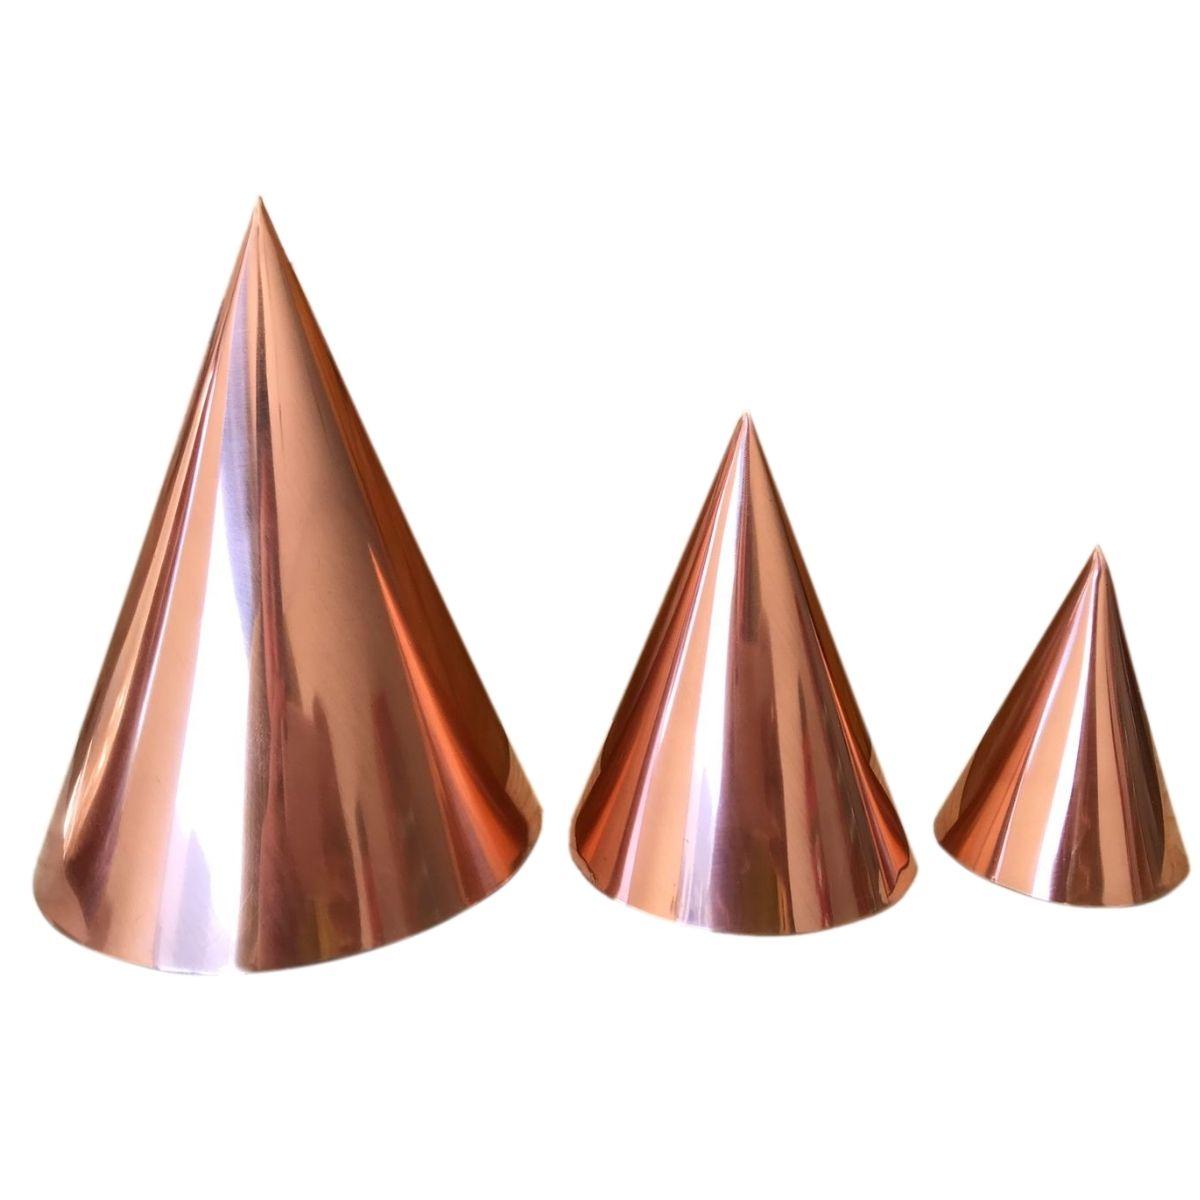 Kit 3 Cones para Radiestesia e Radiônica